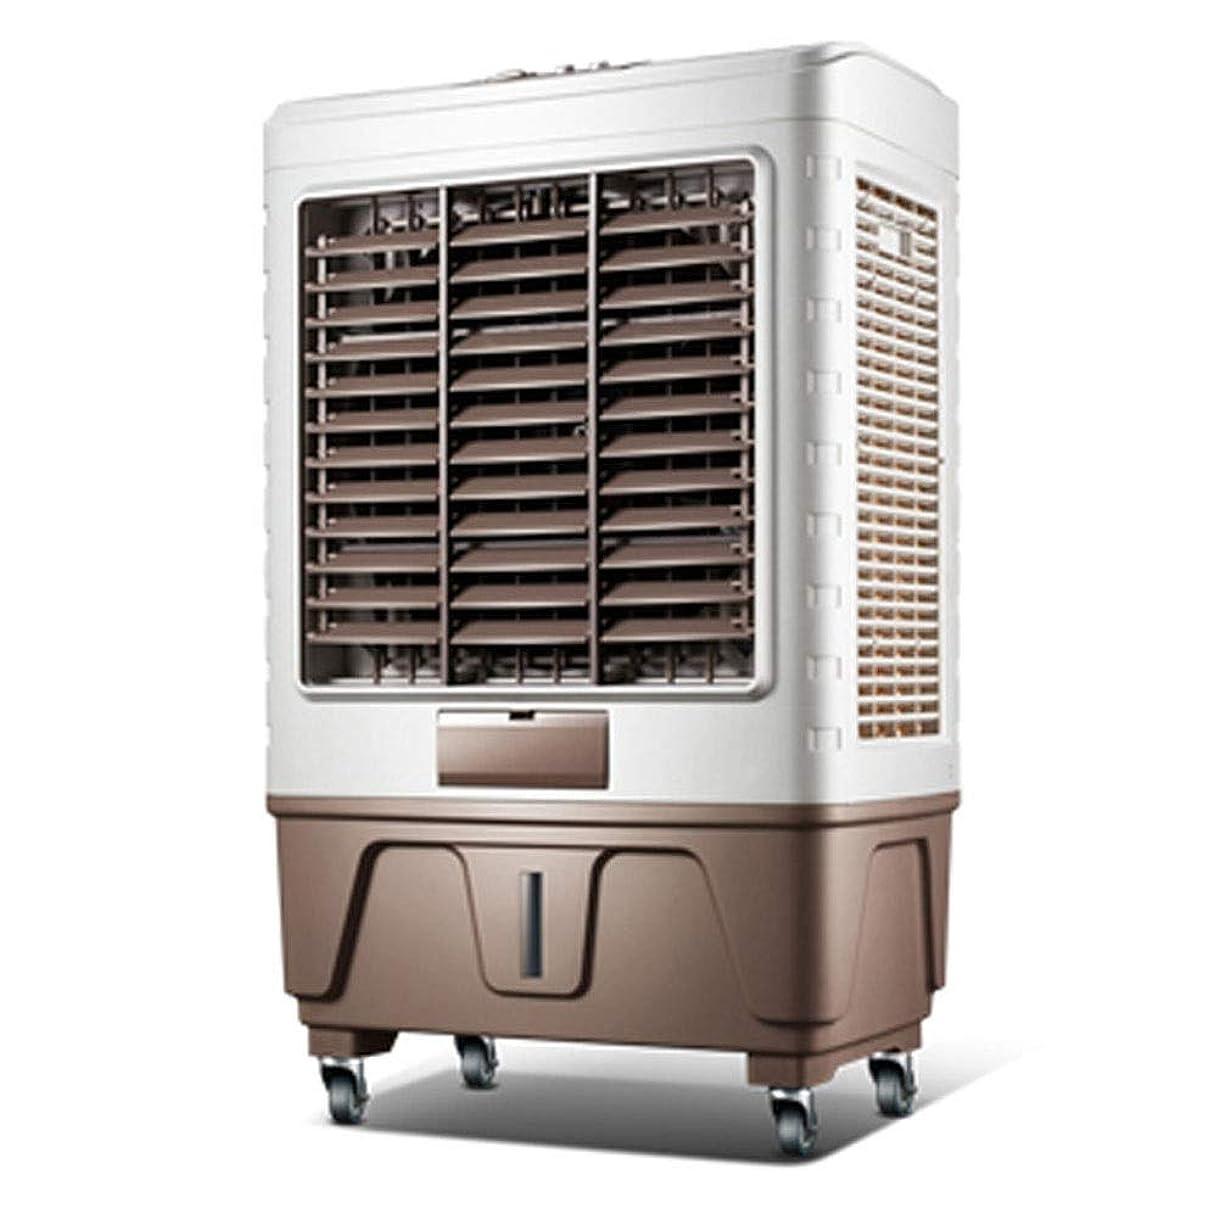 信条テーブル起業家QFLY パーソナルスペースエアコンモバイルエアコンファンホーム大型エアクーラー冷凍空気機械商業用冷却ファン